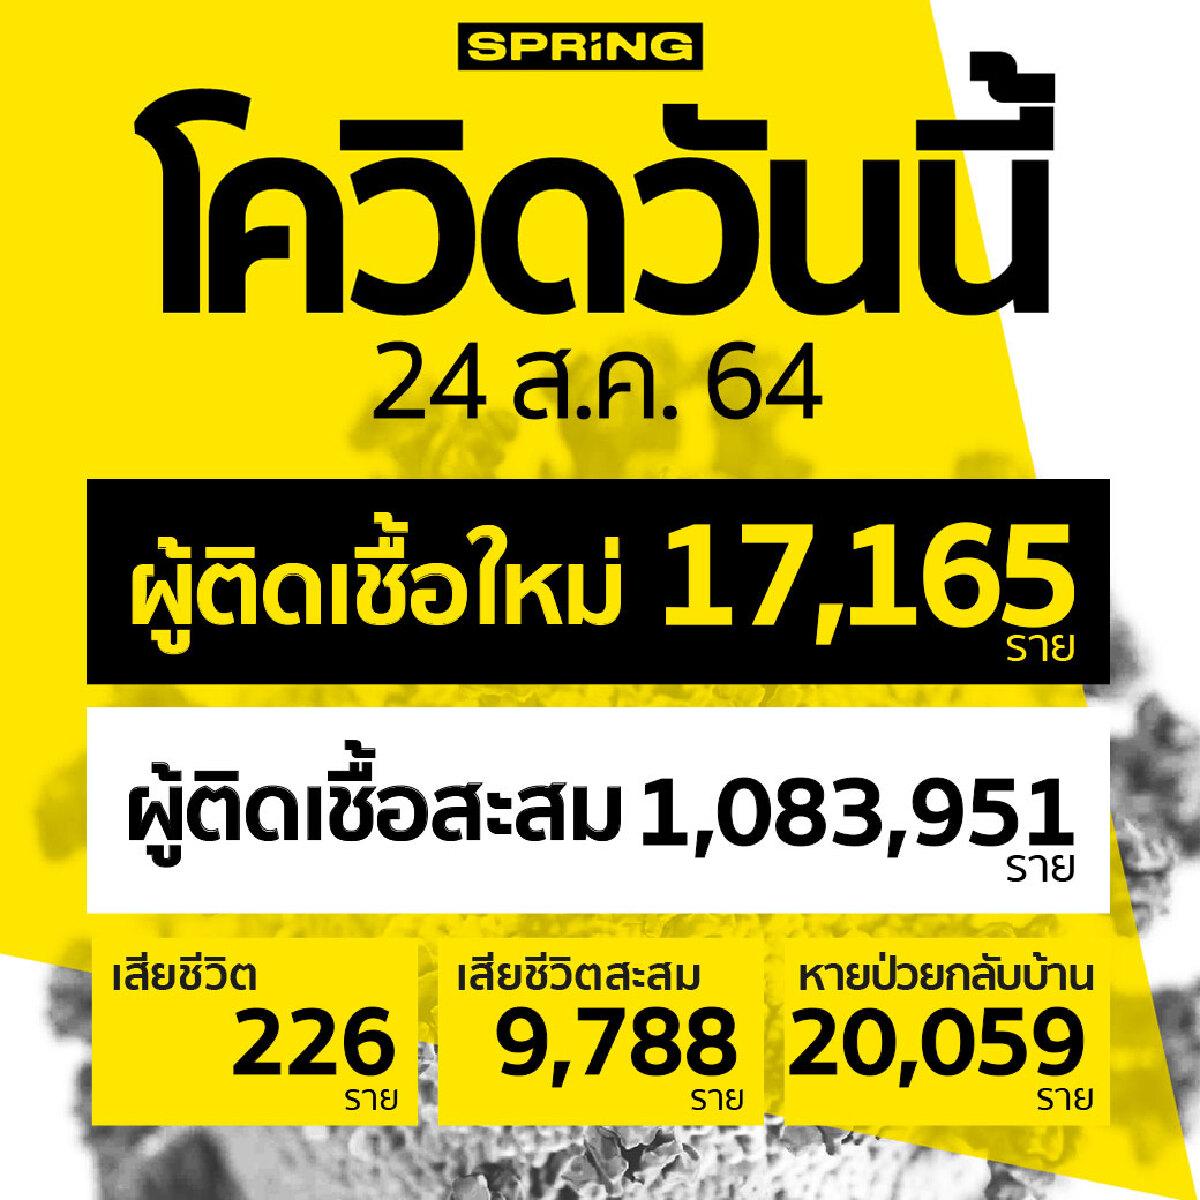 โควิดวันนี้ยังหนัก! ติดเชื้อเพิ่ม 17,165 ราย เสียชีวิตเพิ่ม 226 ราย